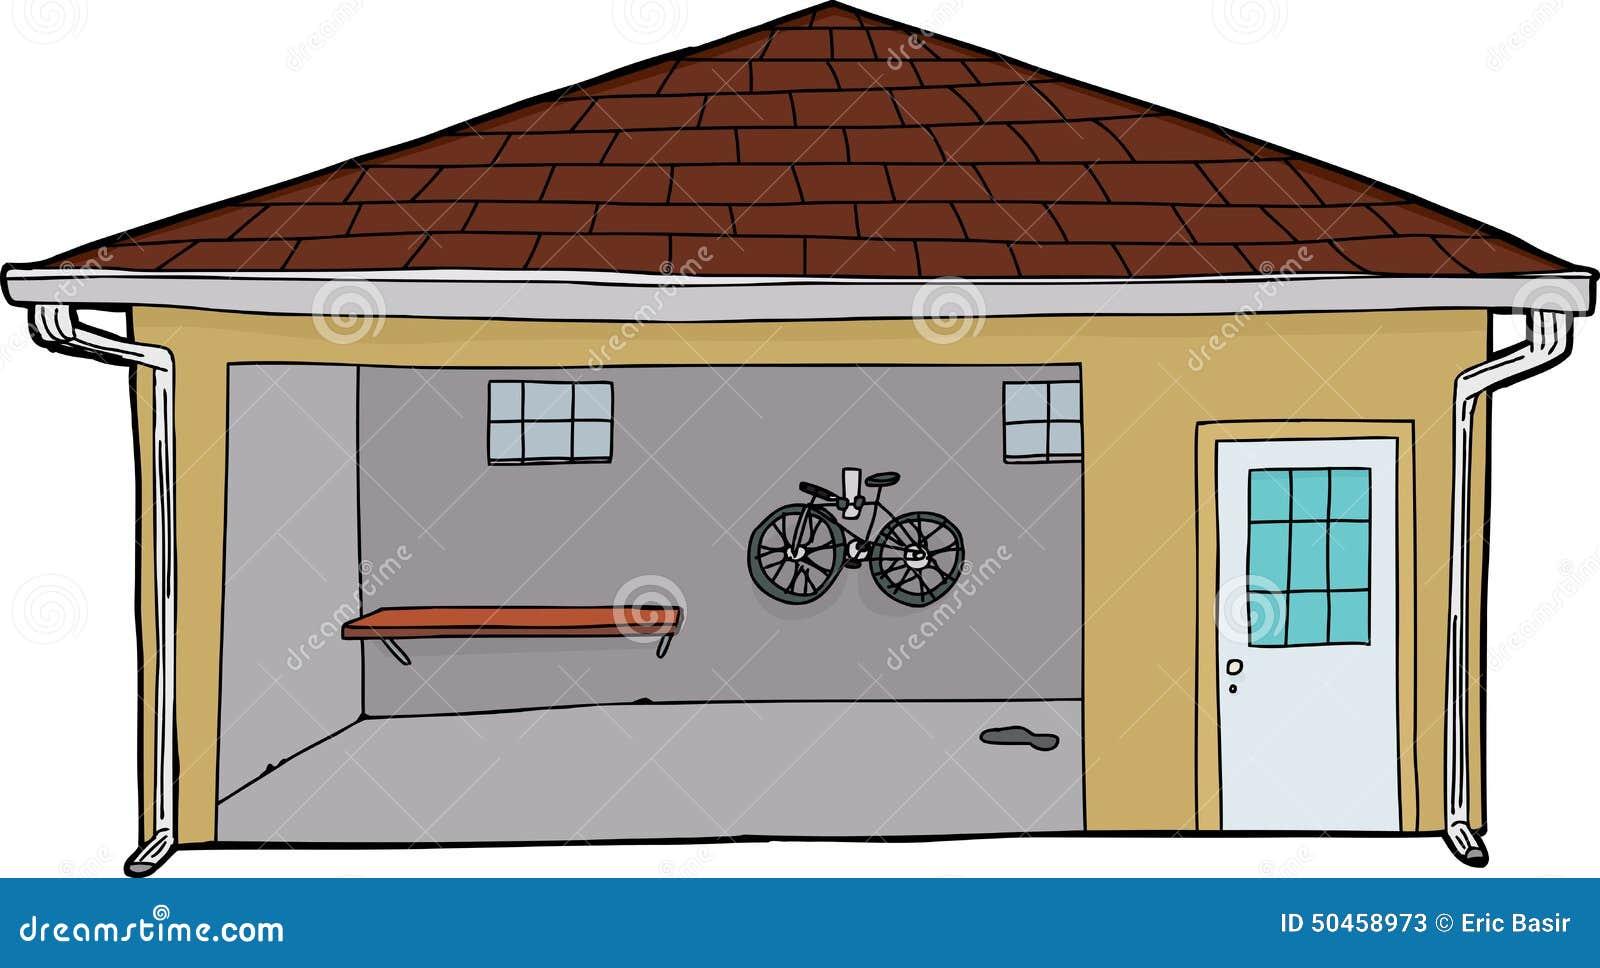 Garage Door Clip Art : Isolated garage with bike and doorway stock illustration